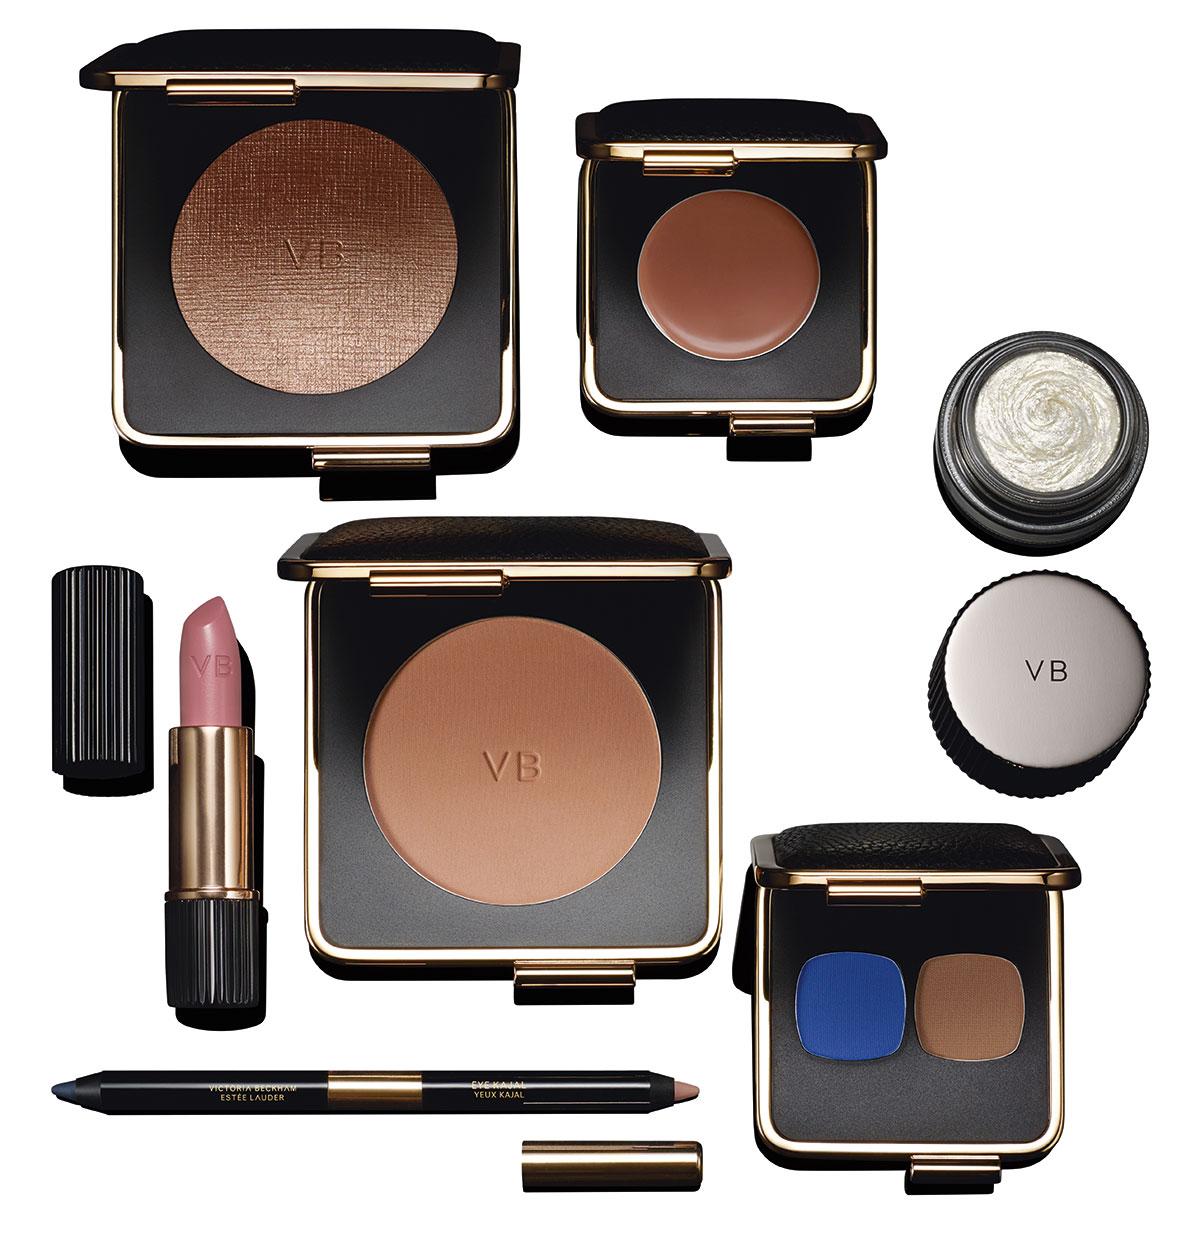 victoria-beckham-x-estee-lauder-miami-look-products